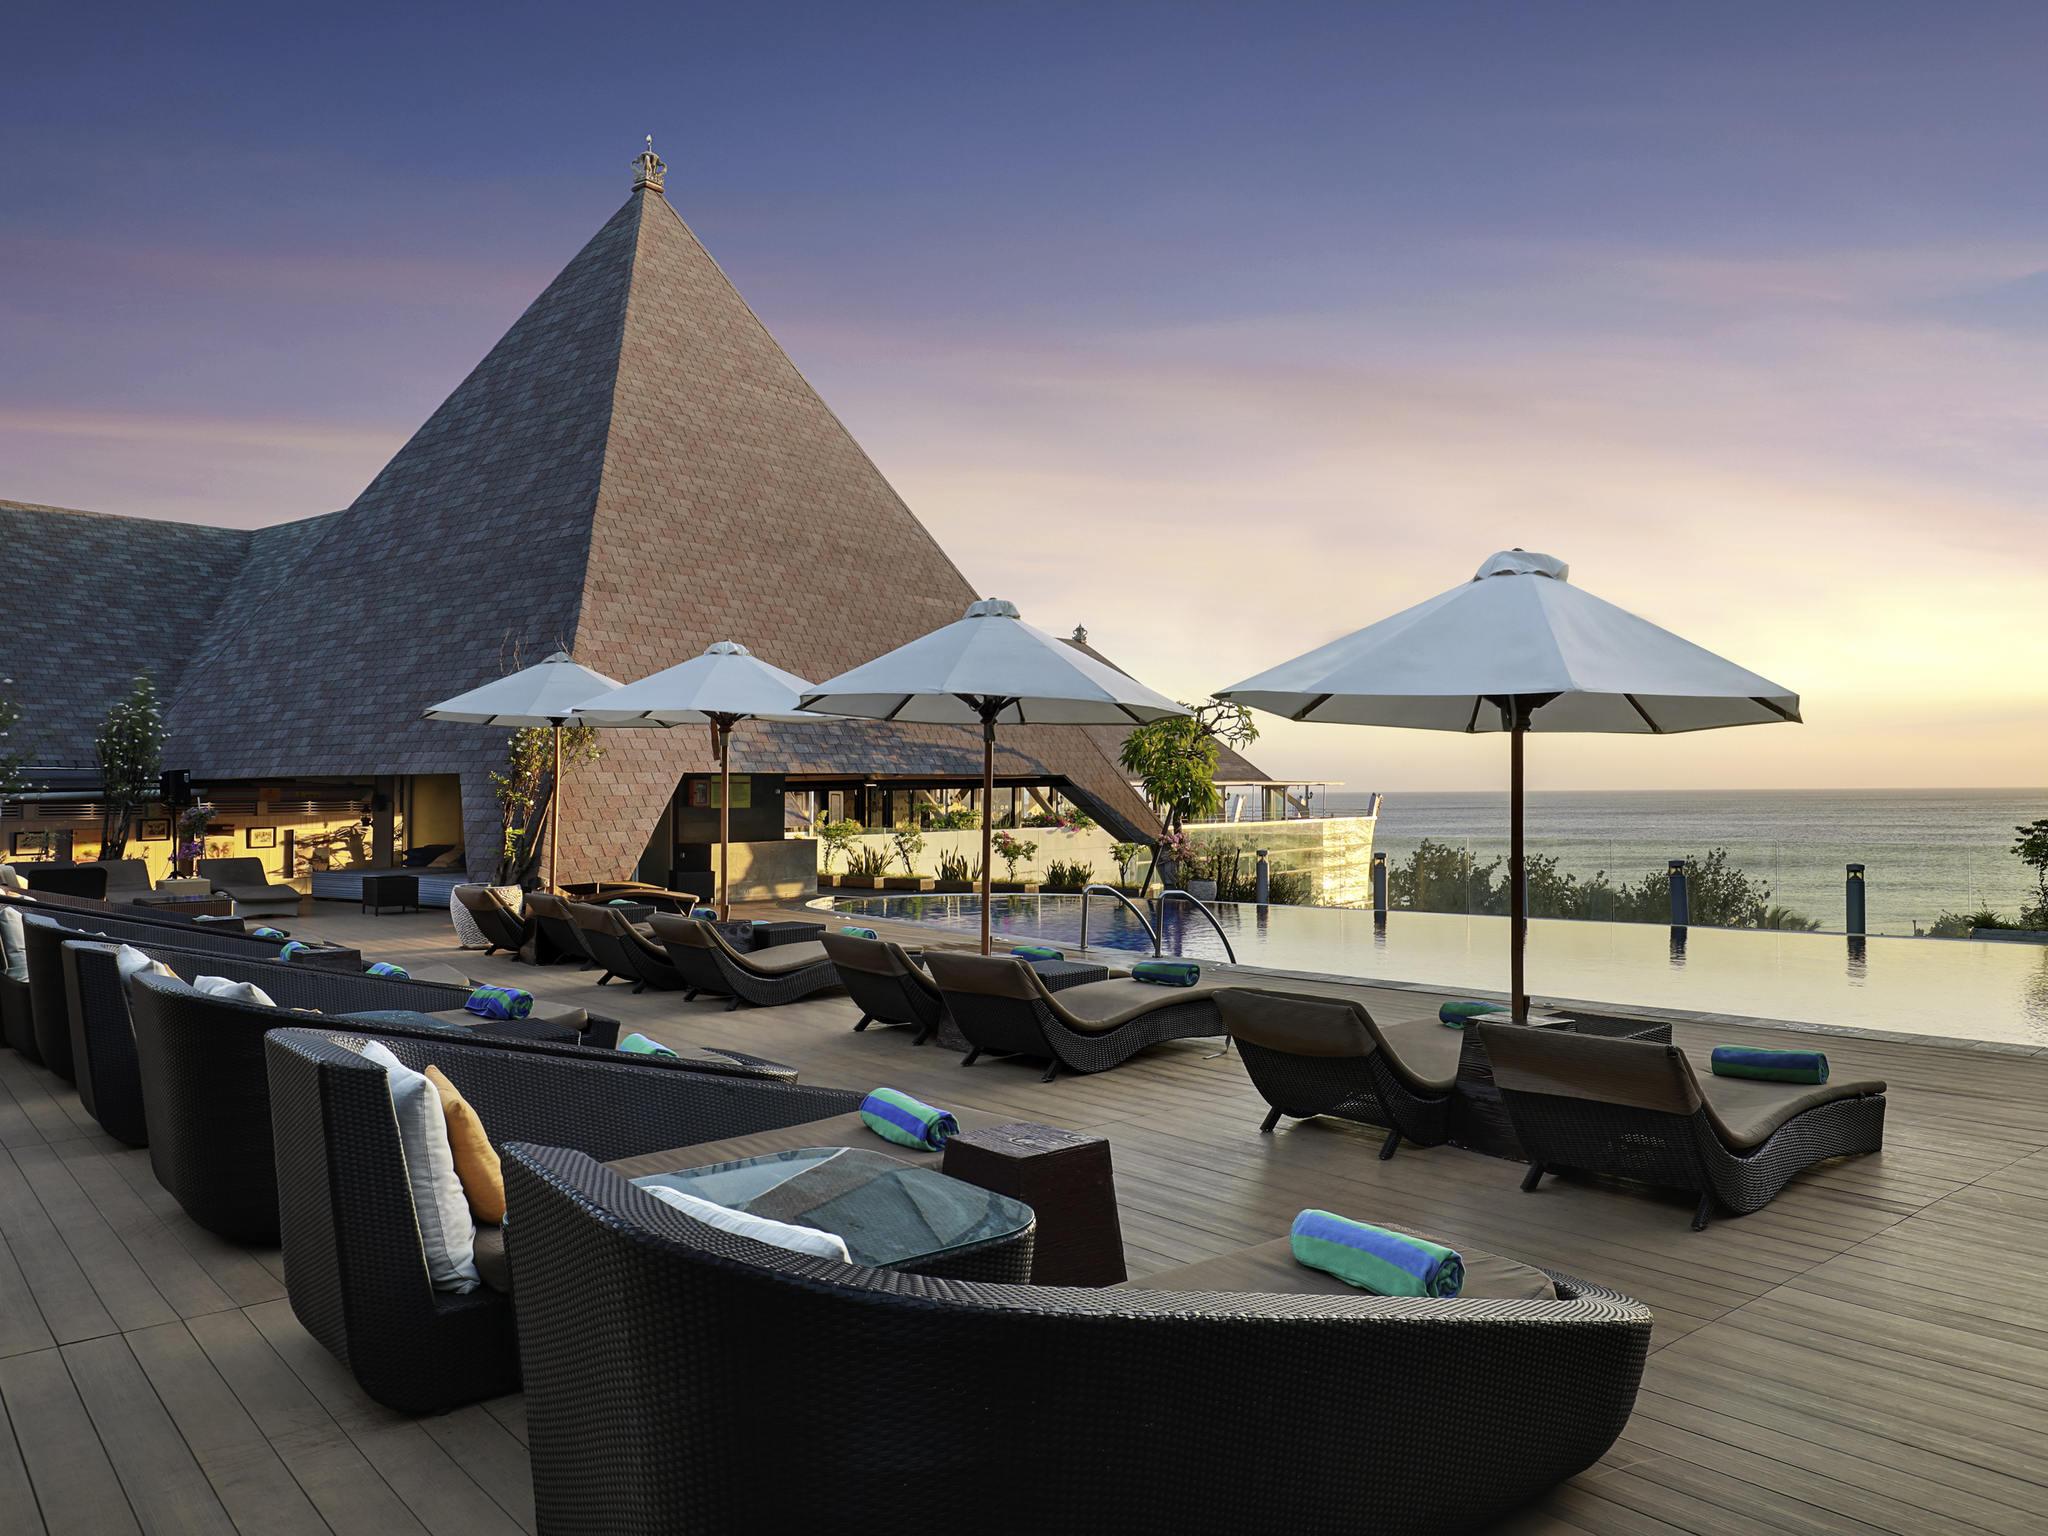 فندق - The Kuta Beach Heritage Hotel Bali - Managed by AccorHotels